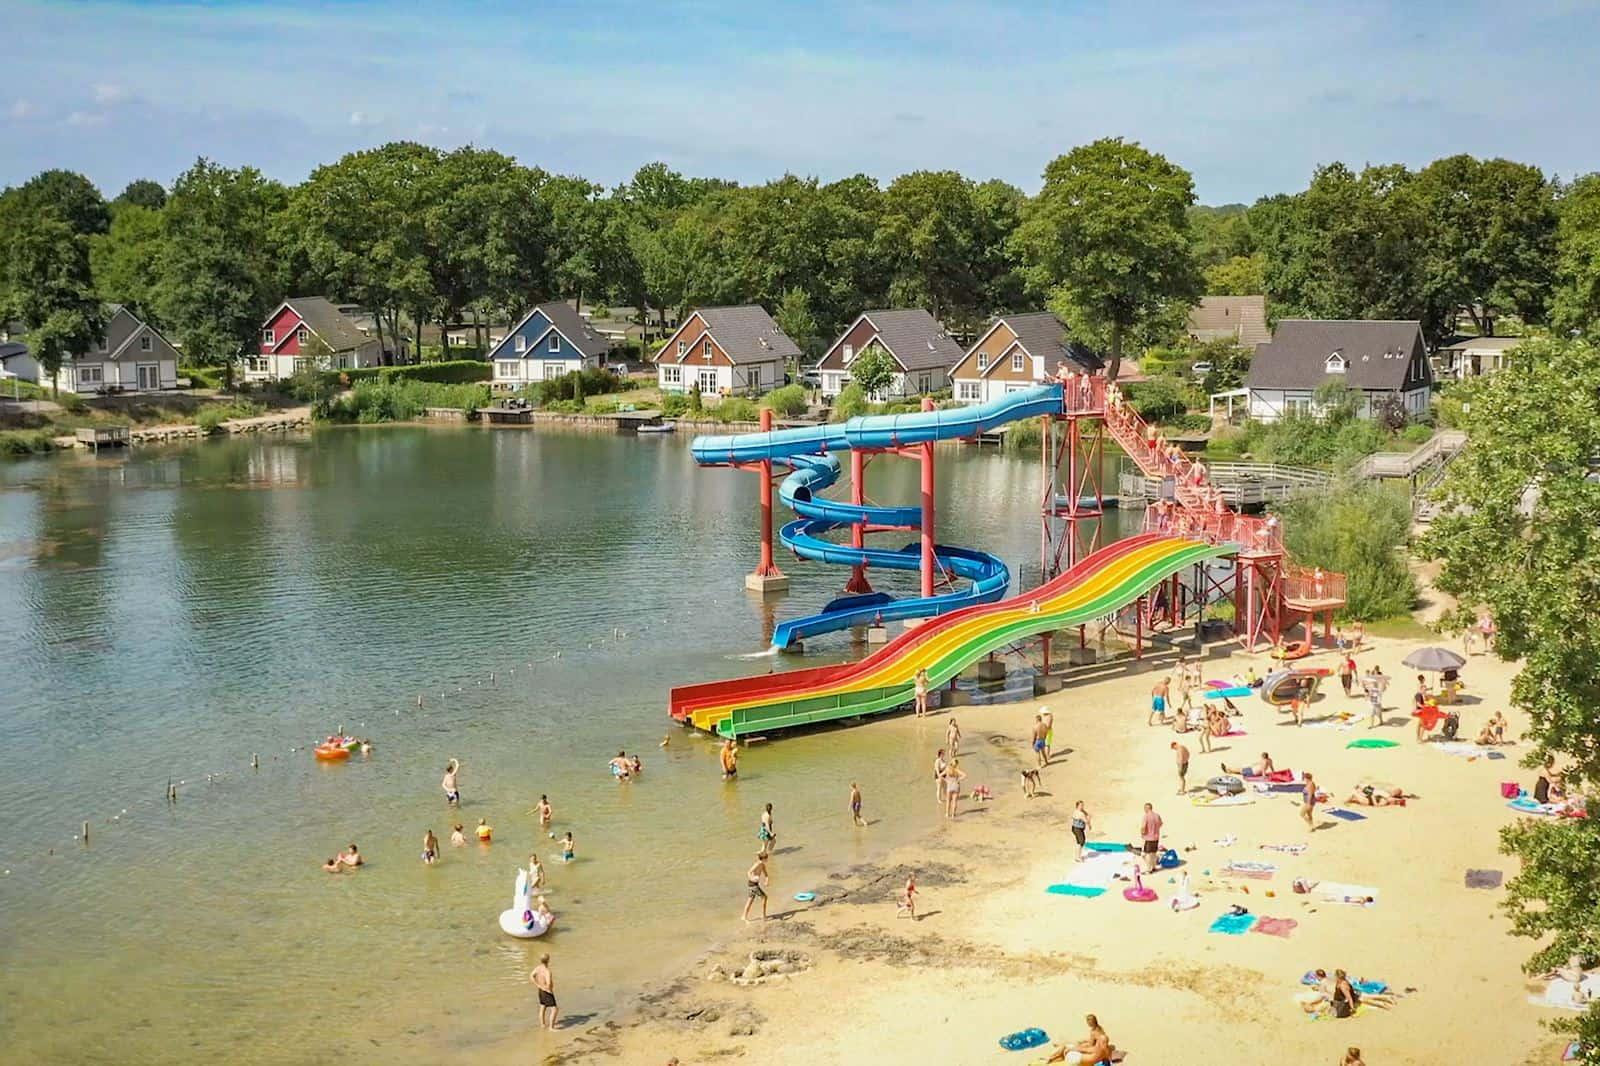 Zwemplas met speeltuin van EuroParcs Resort Limburg